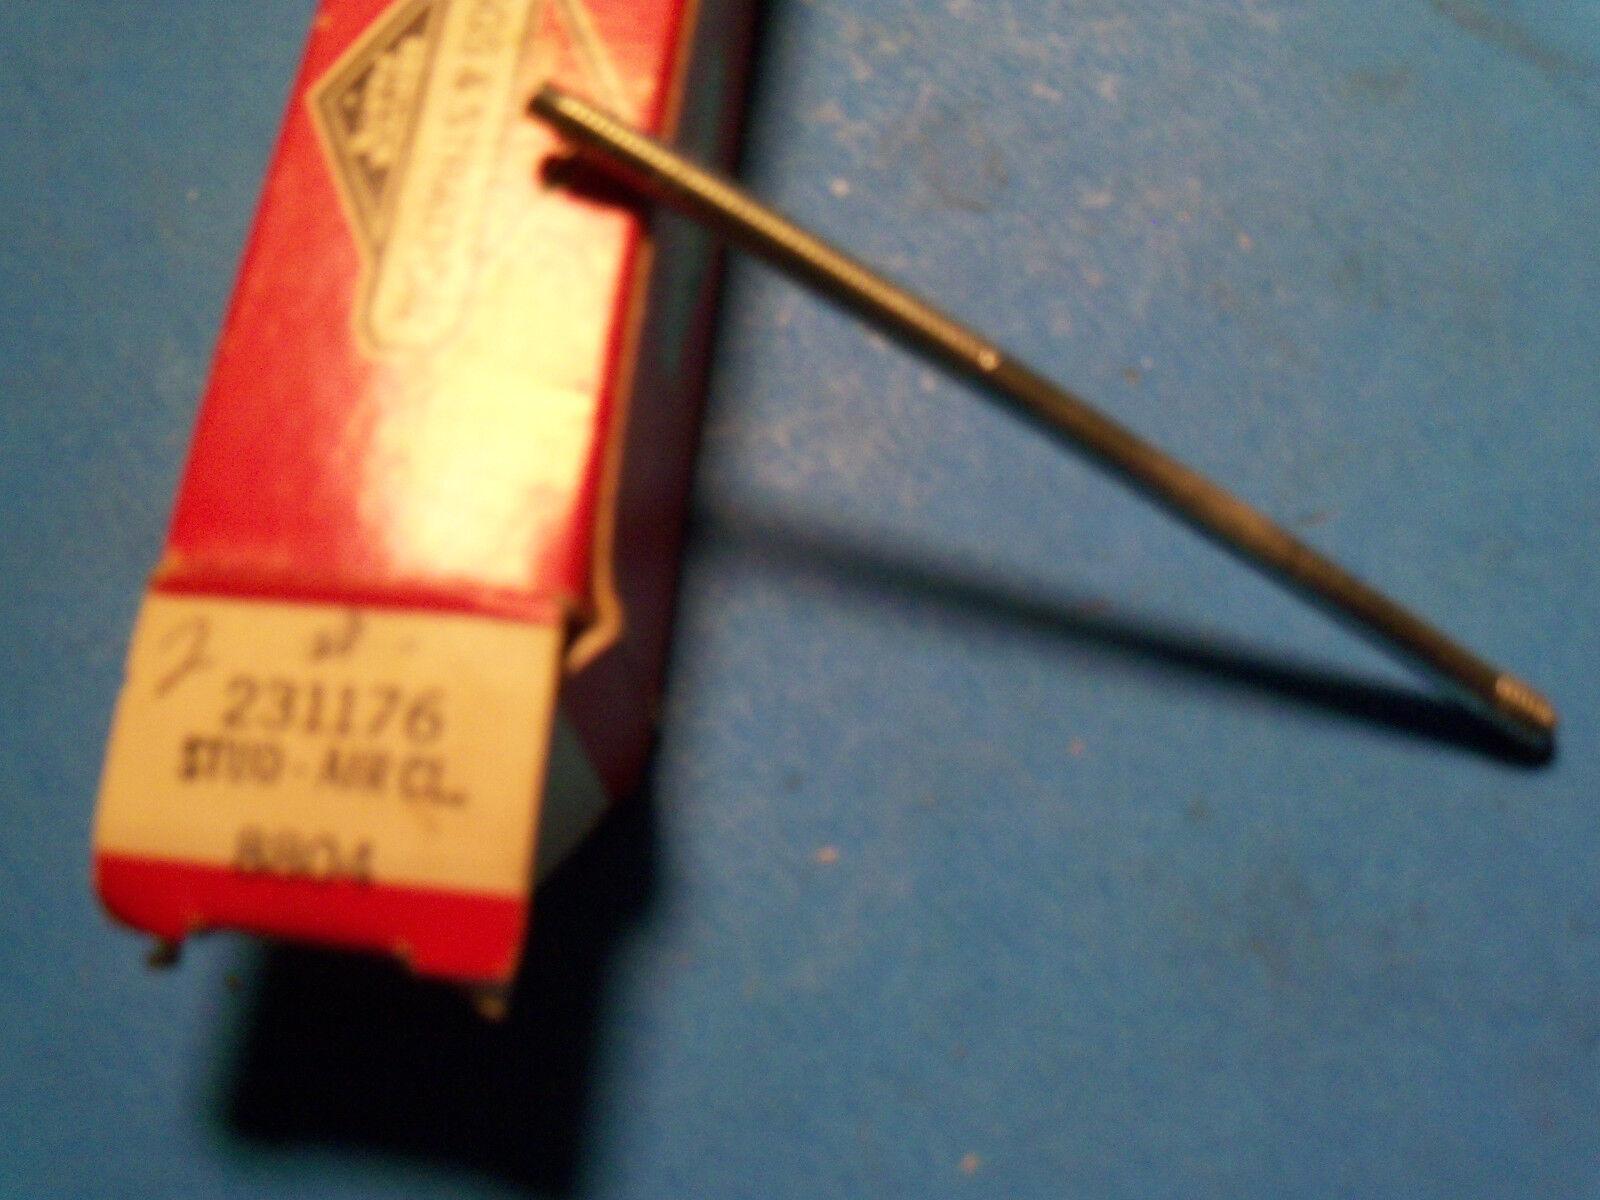 THD Carpenter Stainless Steel Straight Ruler Measuring Tool 30cm 12 Inch V5V4